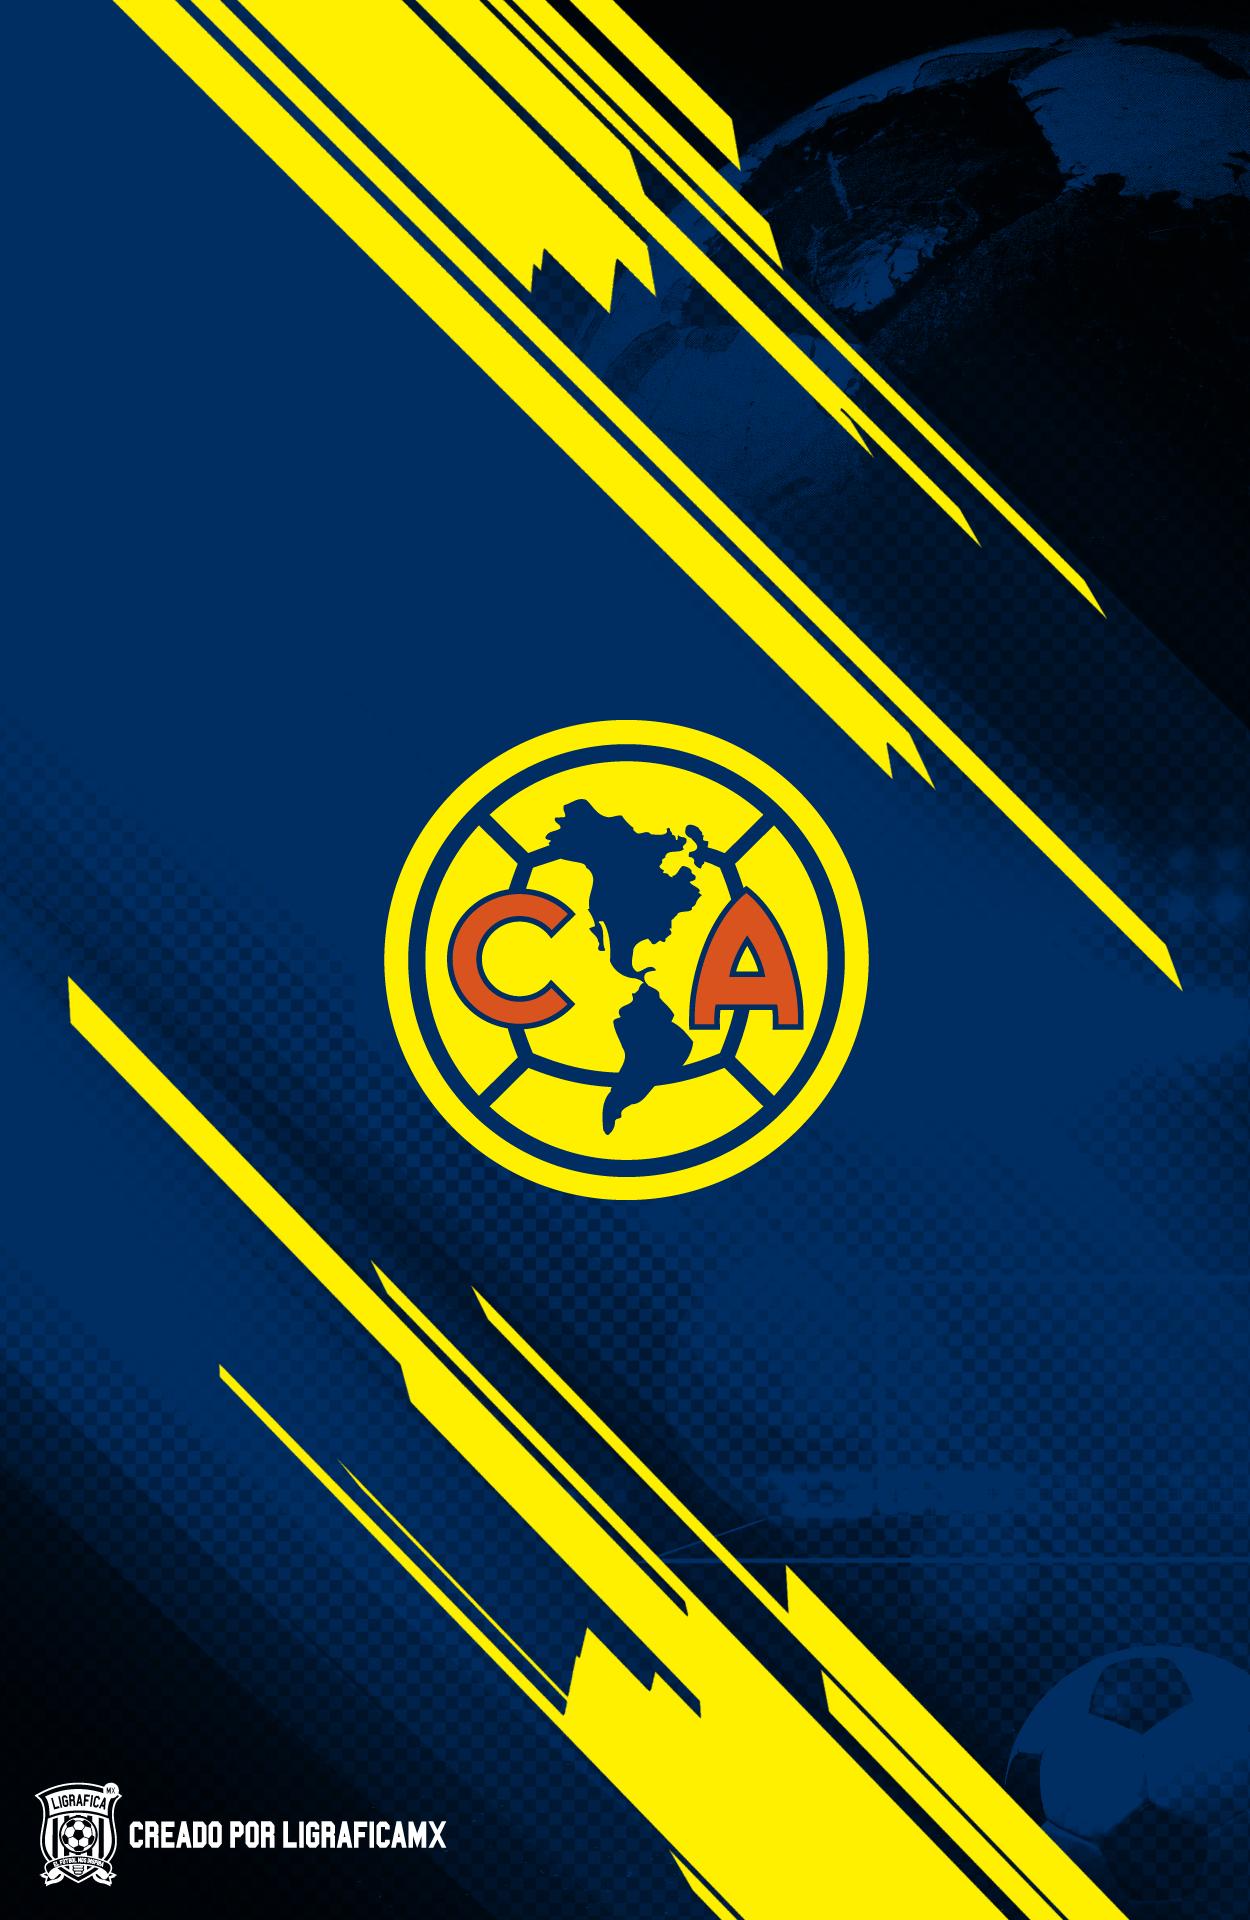 Cruz Azul Wallpaper Hd Club Am 233 Rica Ligraficamx Dise 241 Os Ligraficamx Club